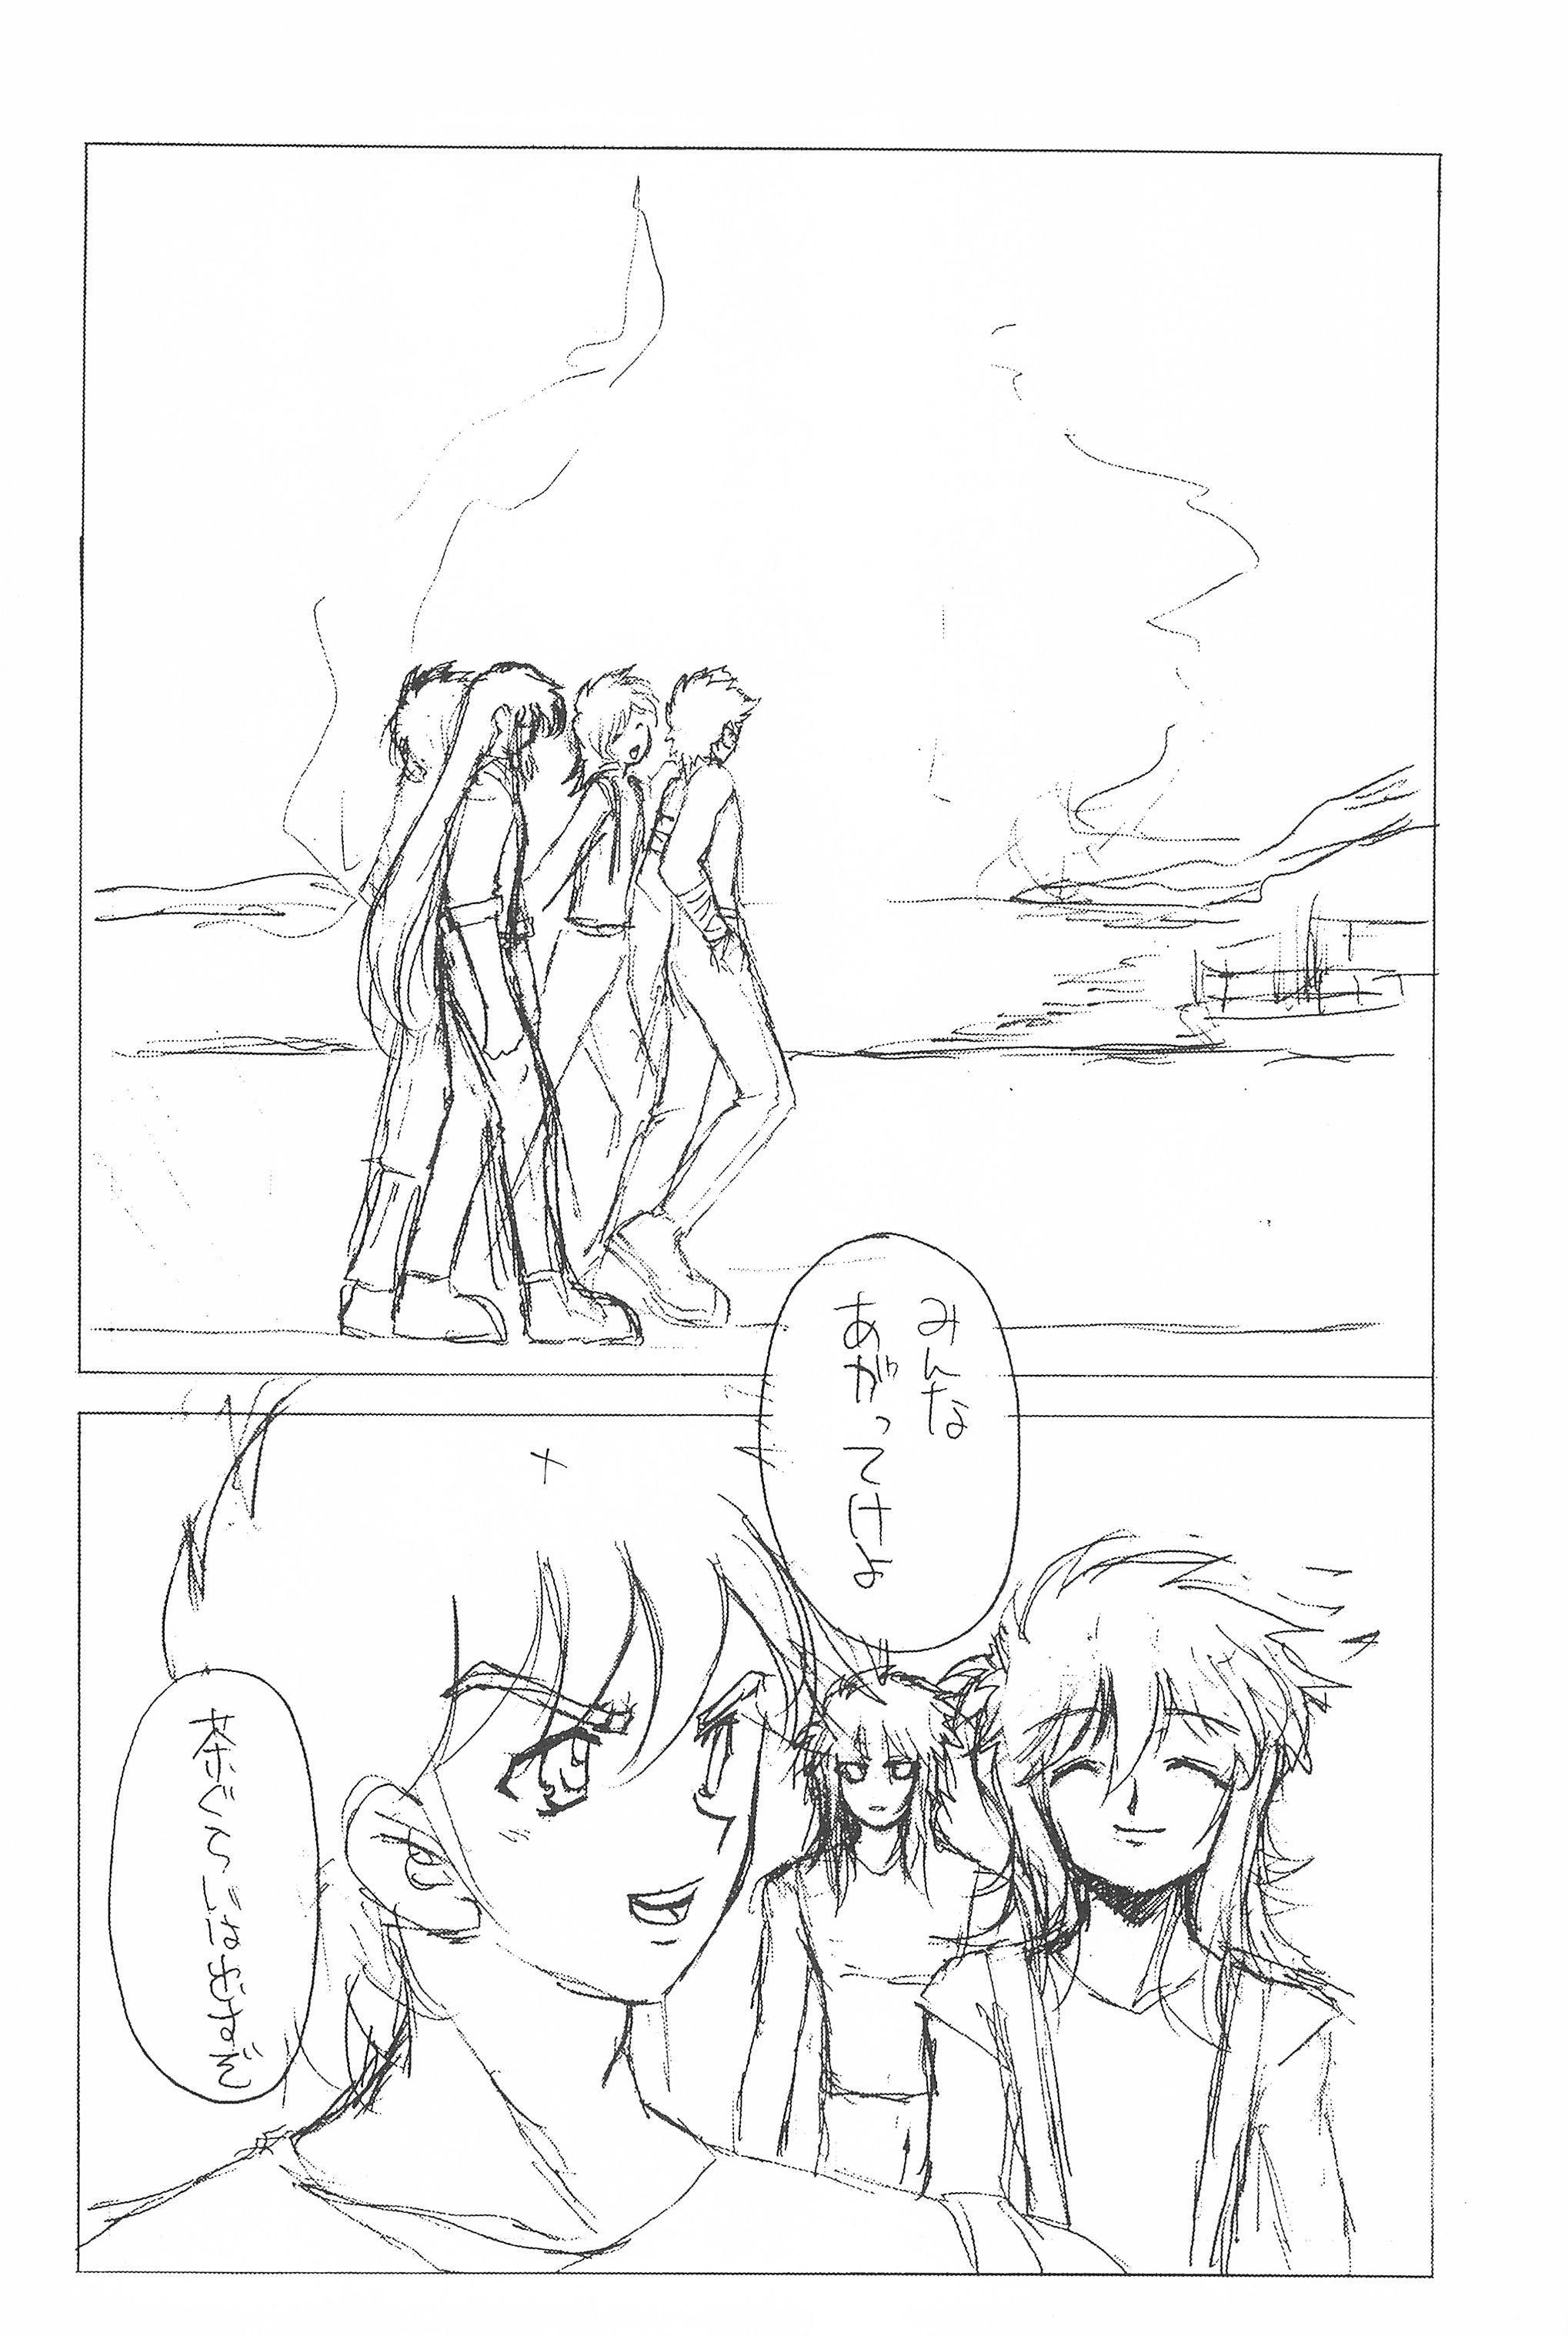 (SC22) [Shinobi no Yakata (Iwama Yoshiki) JEWEL-BOX 10 LOLITA-SARAD (Various) 43